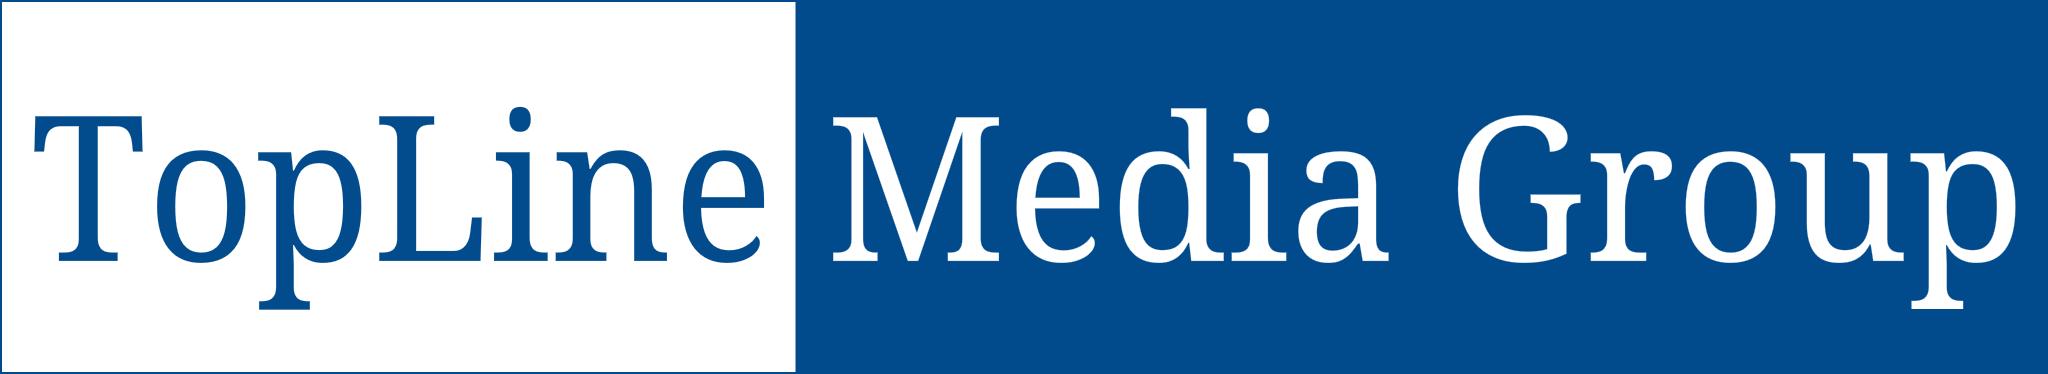 TopLine Media Group